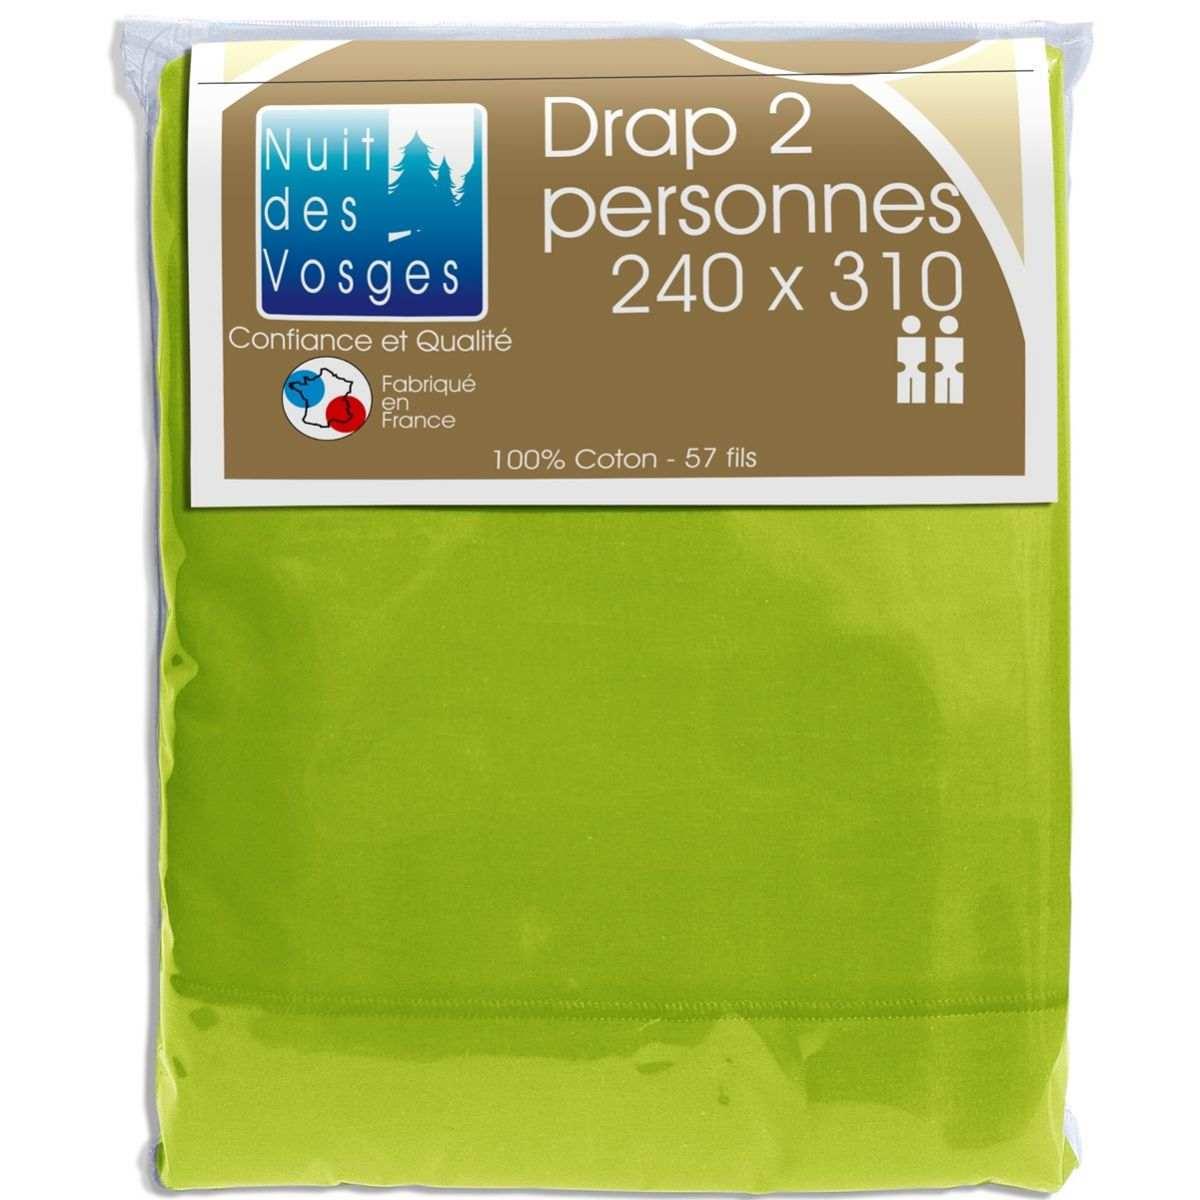 Drap Plat 100% Coton Nuit des Vosges Anis